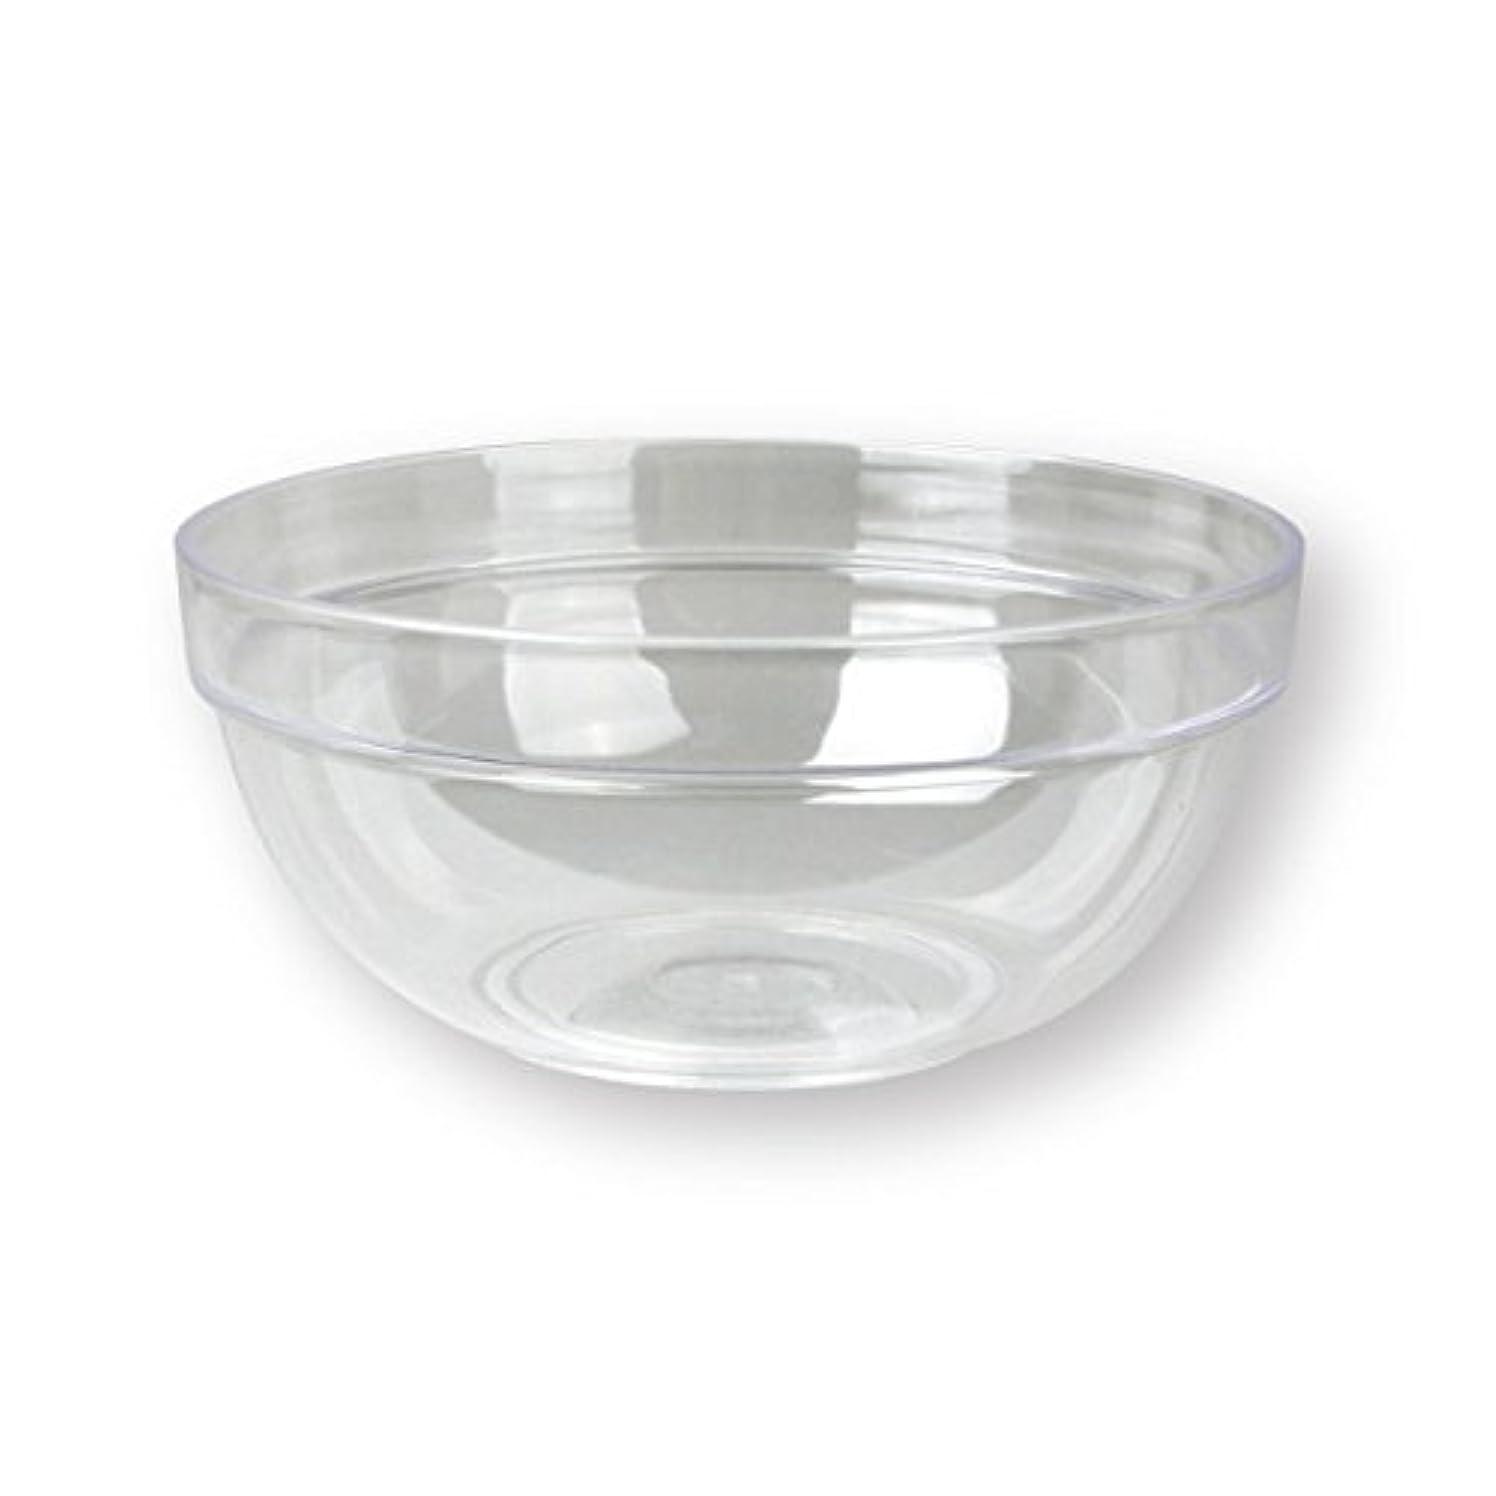 可決見落とす失効4個セットプラスチックボール プラスチック ボウル カップクリア 直径20cm